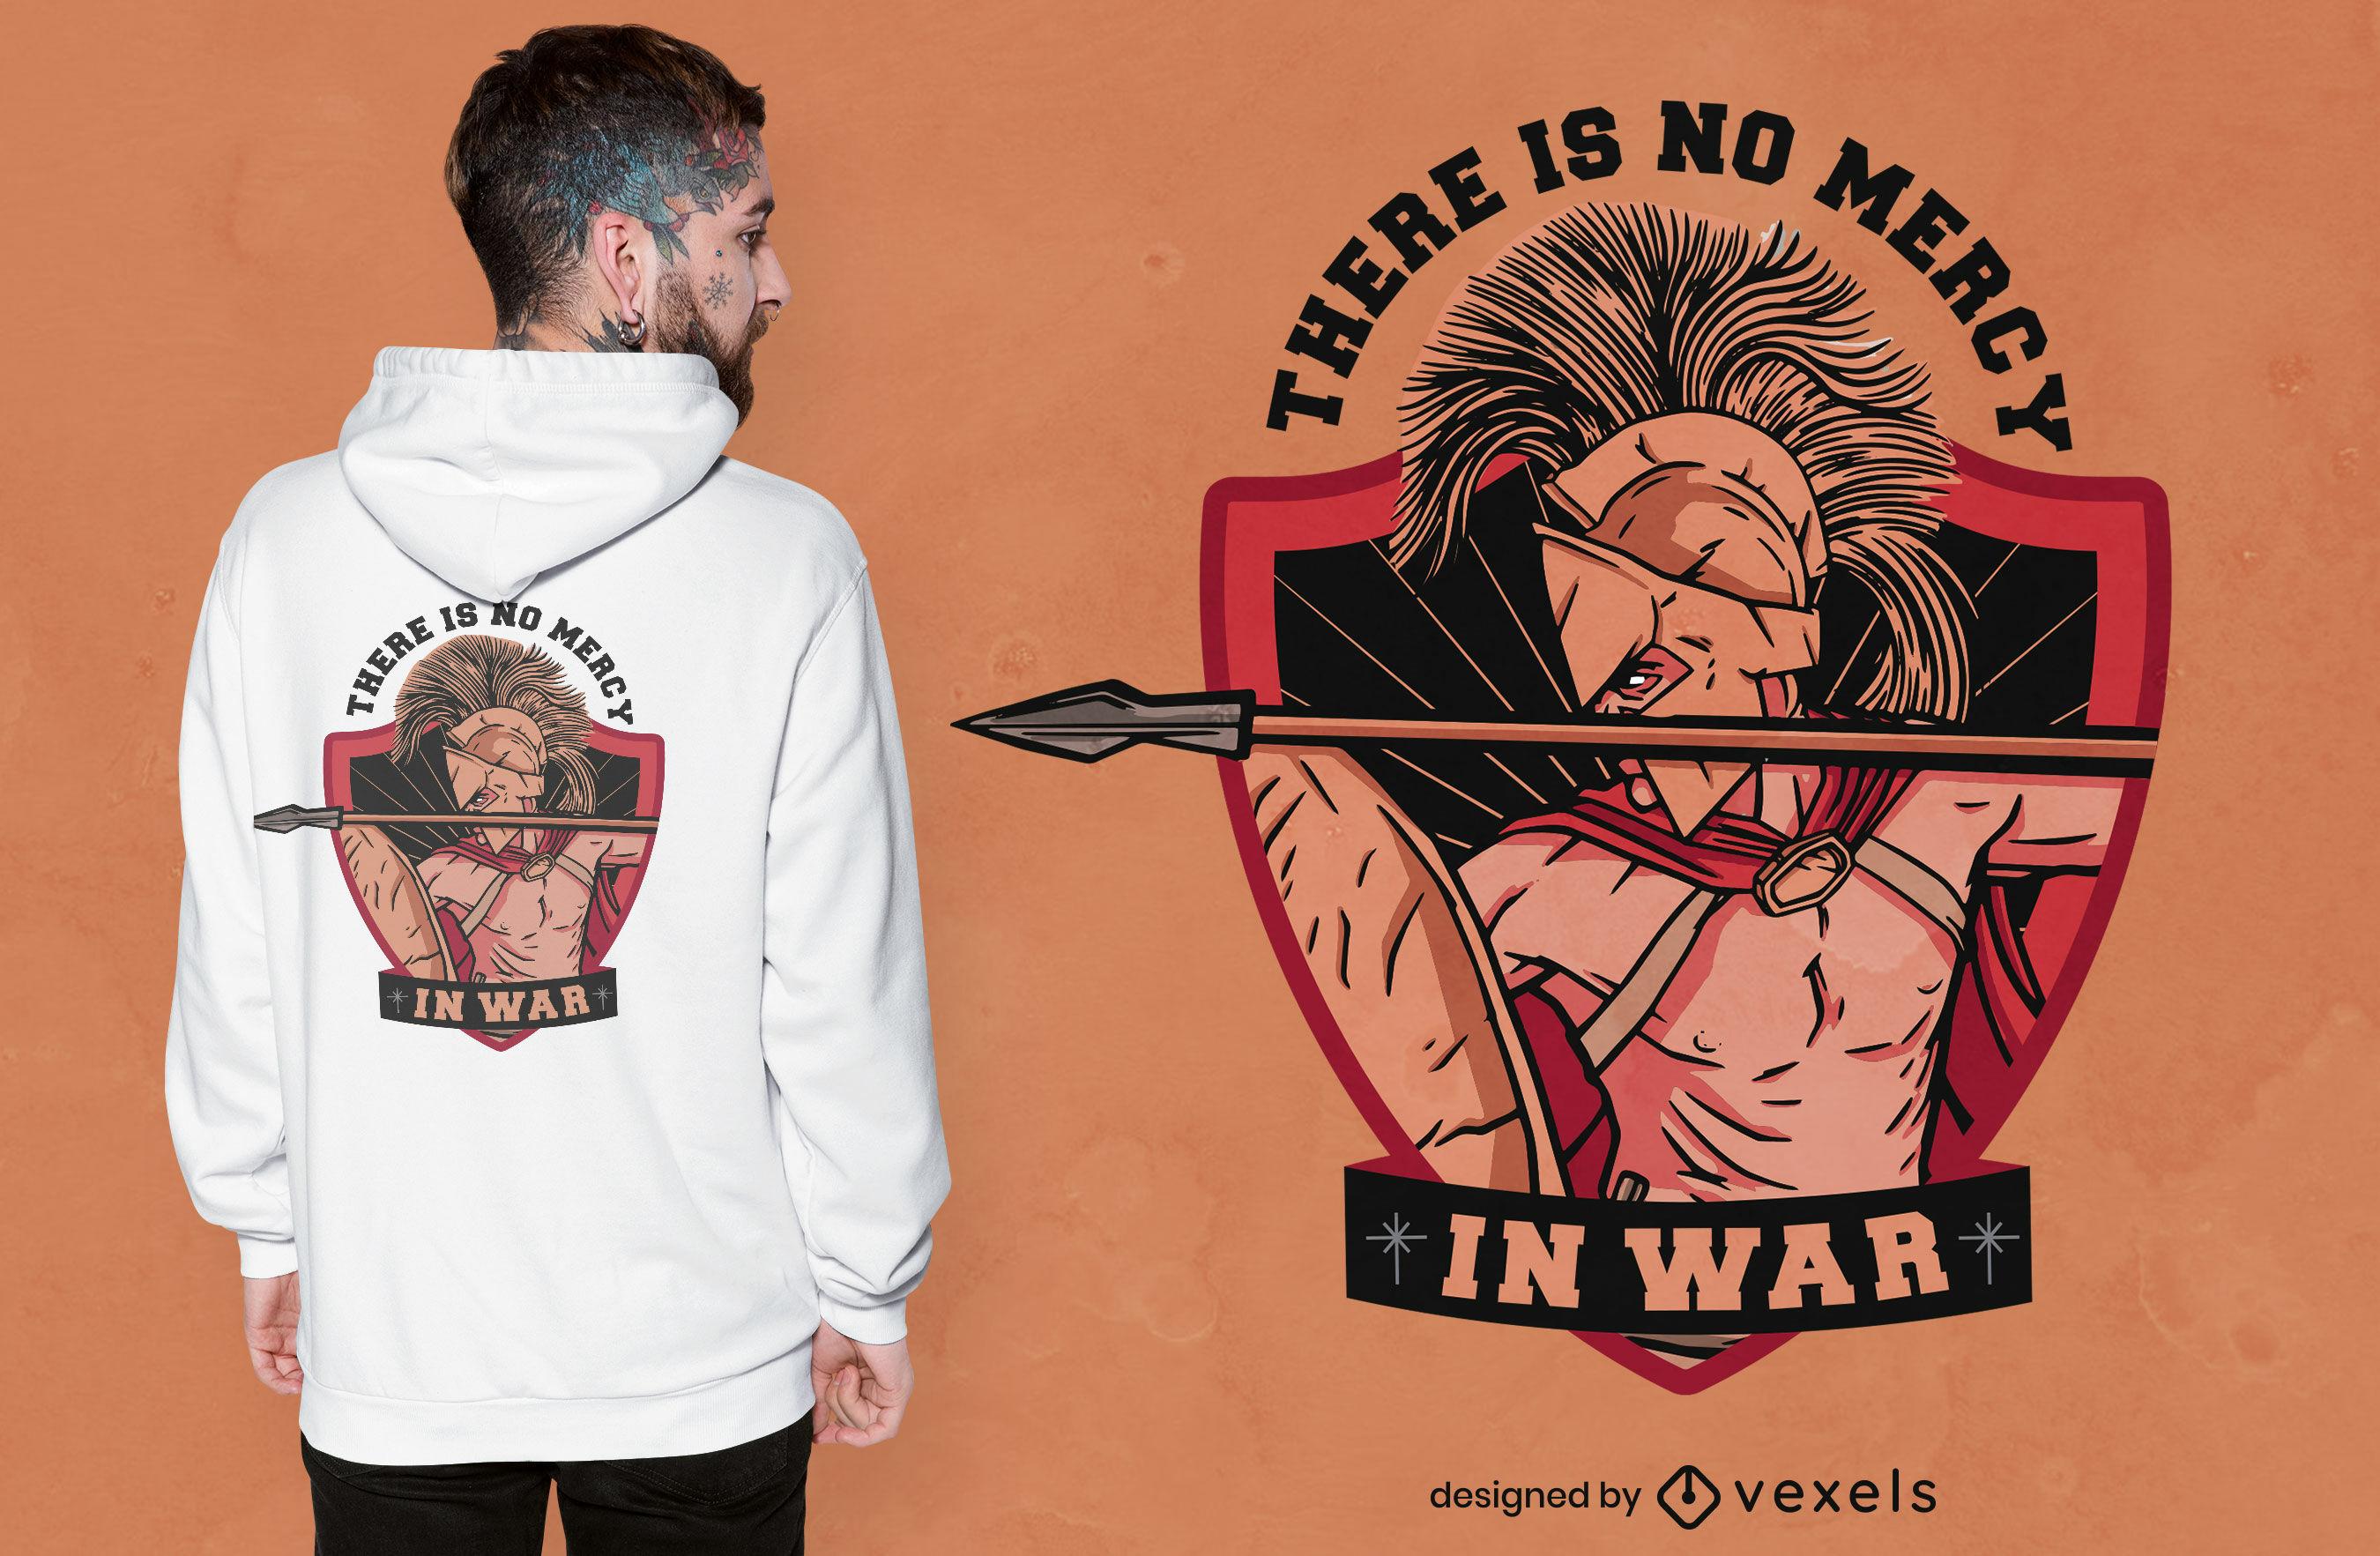 Warrior mercy quote t-shirt design